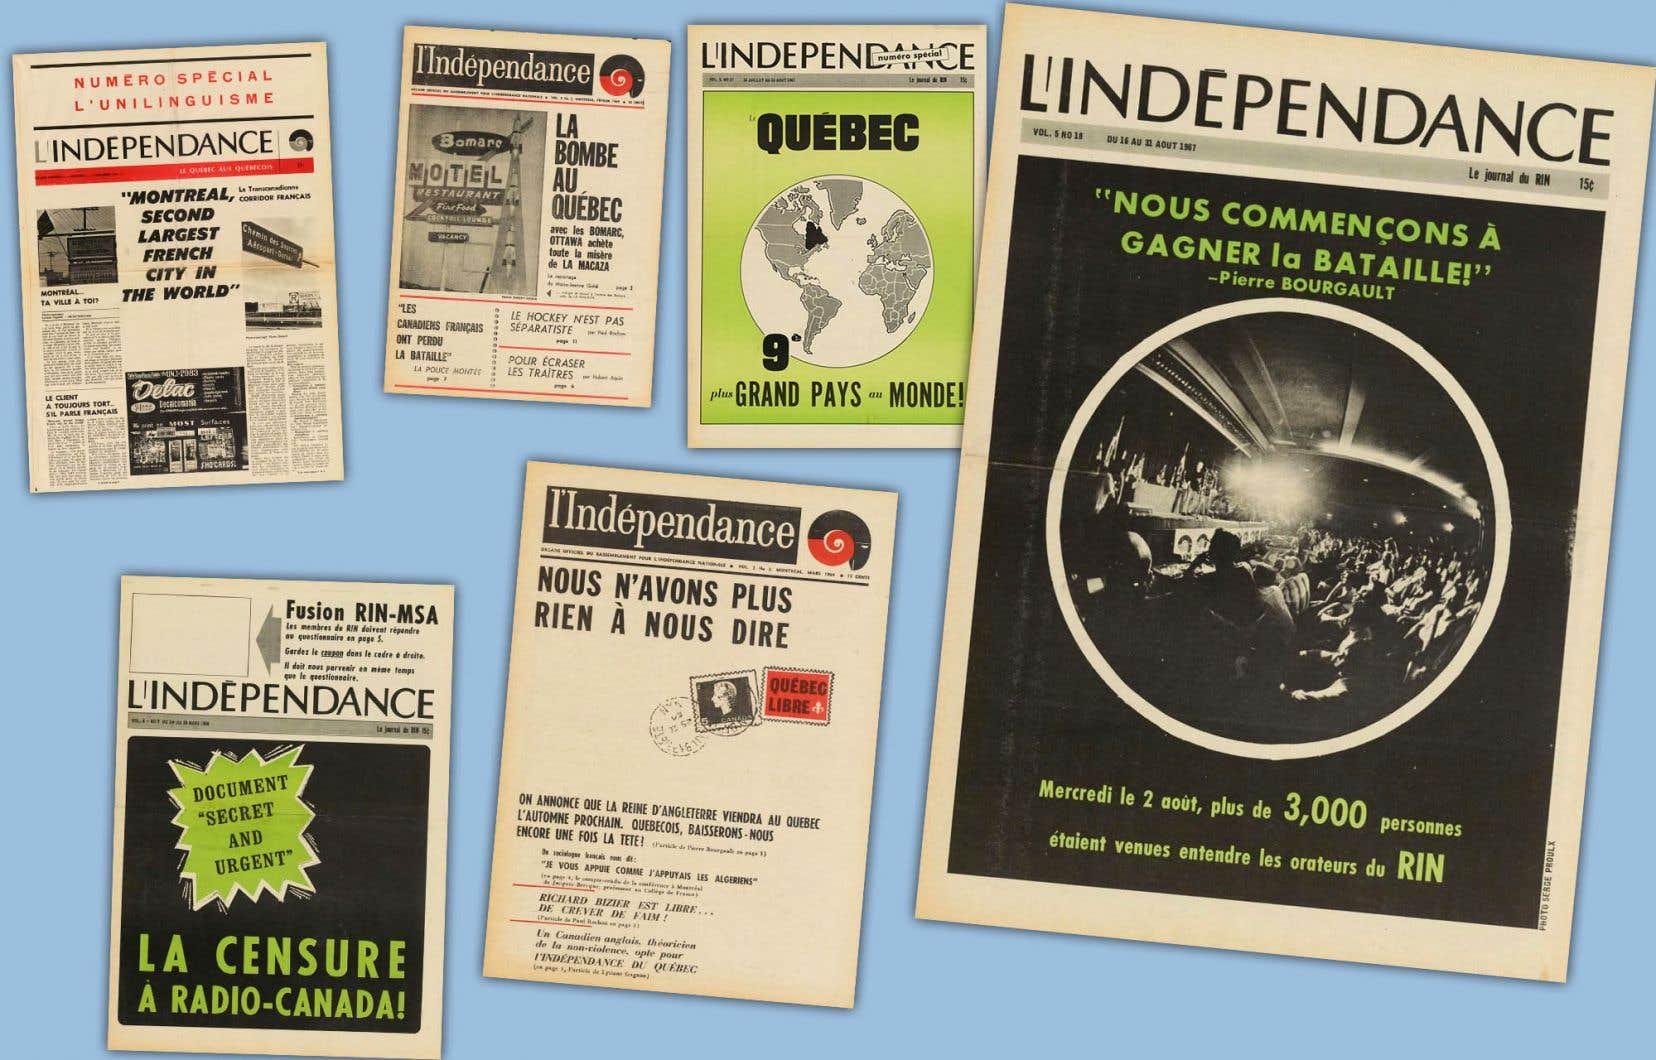 Les unes du journal «L'Indépendance» affichent de larges titres percutants.